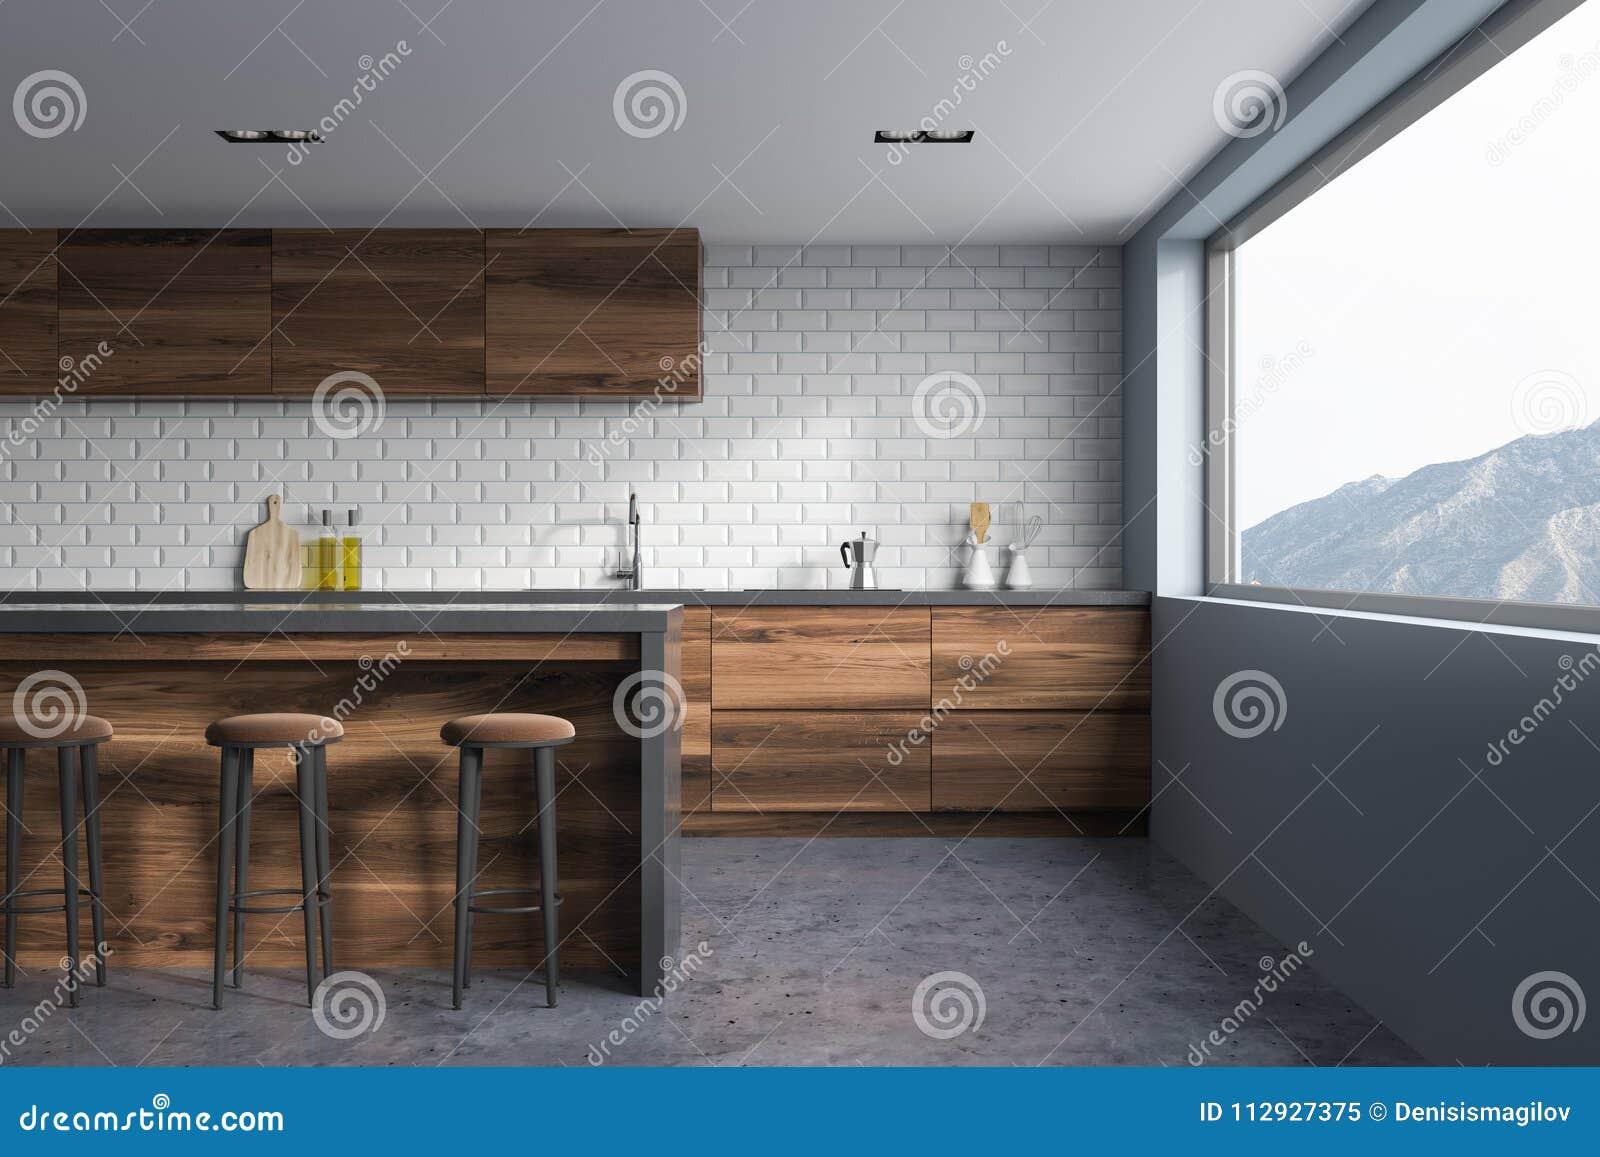 Ladrillo Blanco Y Cocina Gris Interiores Barra De Madera Stock De